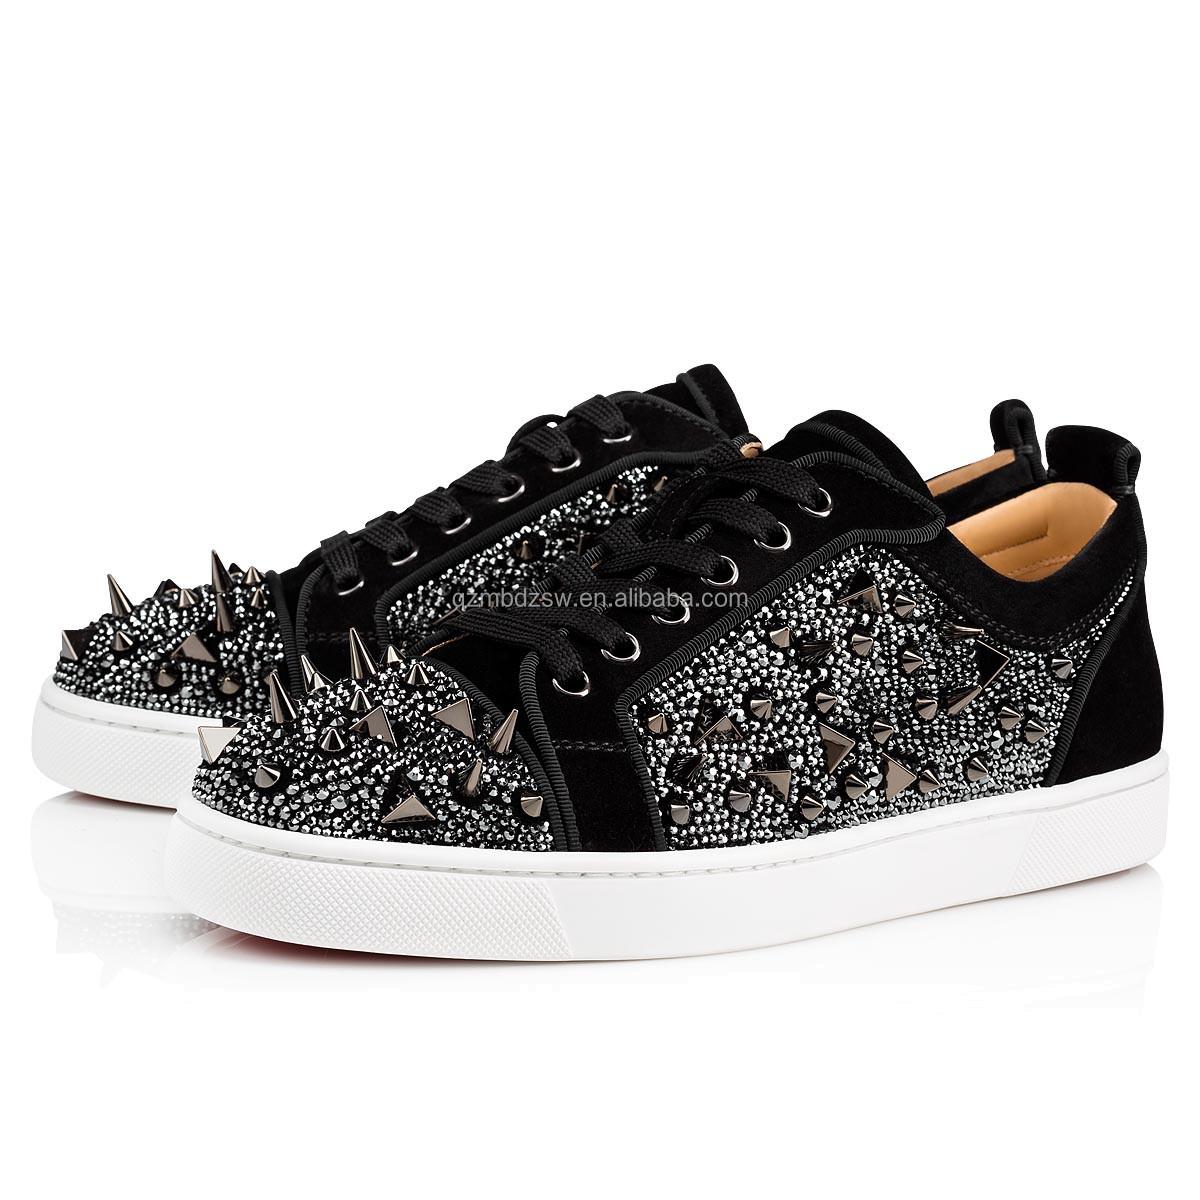 Модный бренд CL красный низ лучшее качество черные натуральные кожаные заклепки для женщин и мужчин Роскошная брендовая дизайнерская повседневная обувь кроссовки